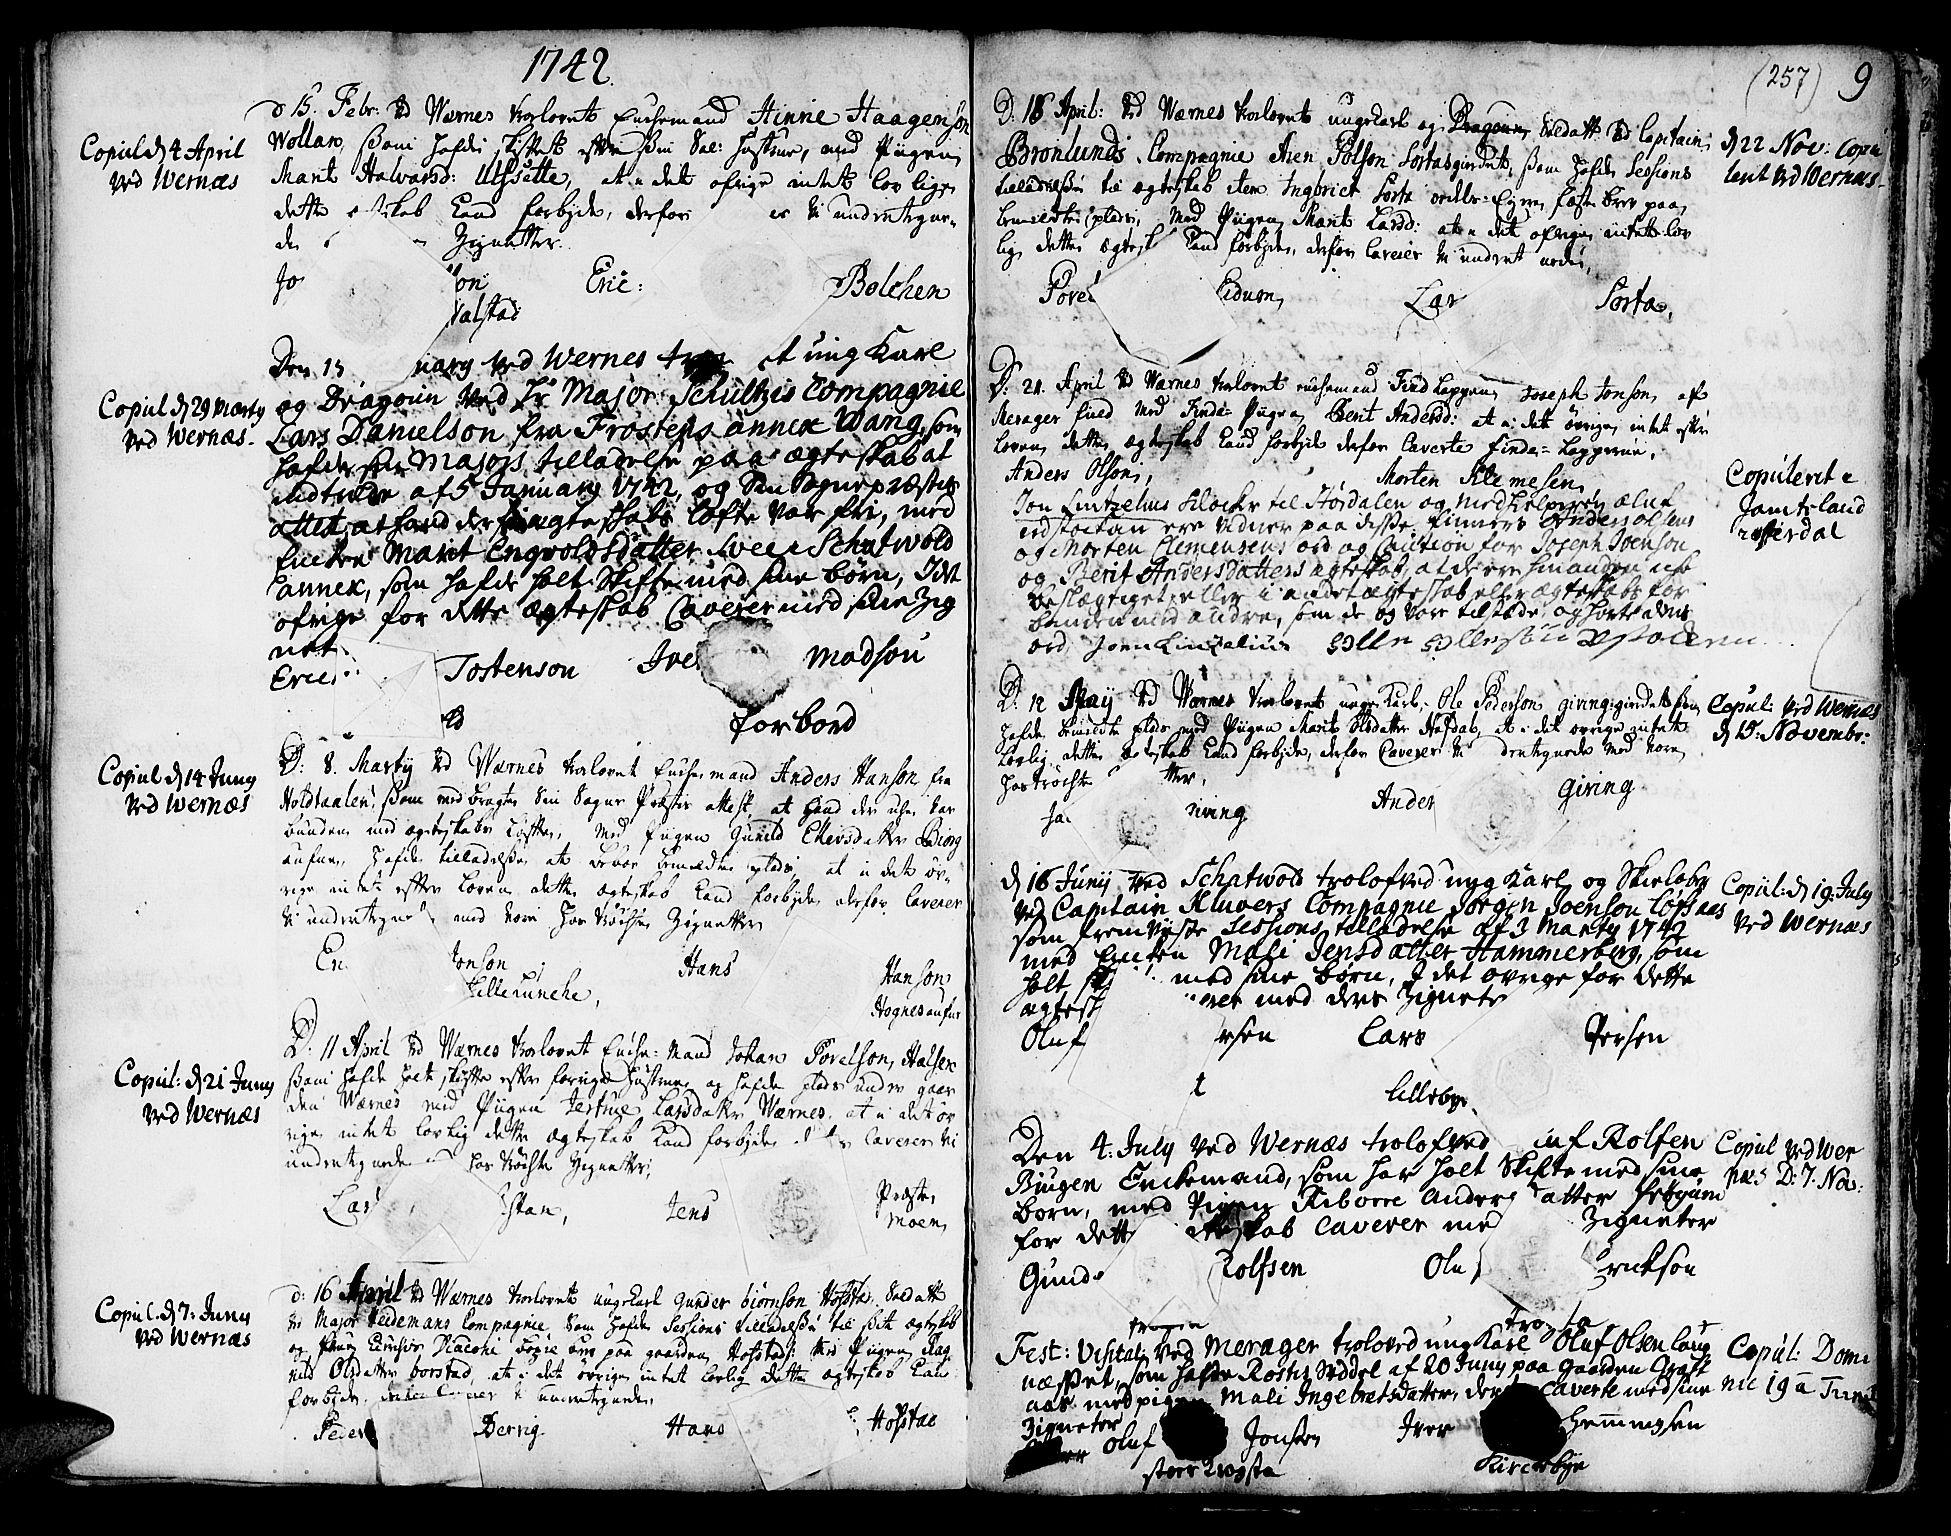 SAT, Ministerialprotokoller, klokkerbøker og fødselsregistre - Nord-Trøndelag, 709/L0056: Ministerialbok nr. 709A04, 1740-1756, s. 257